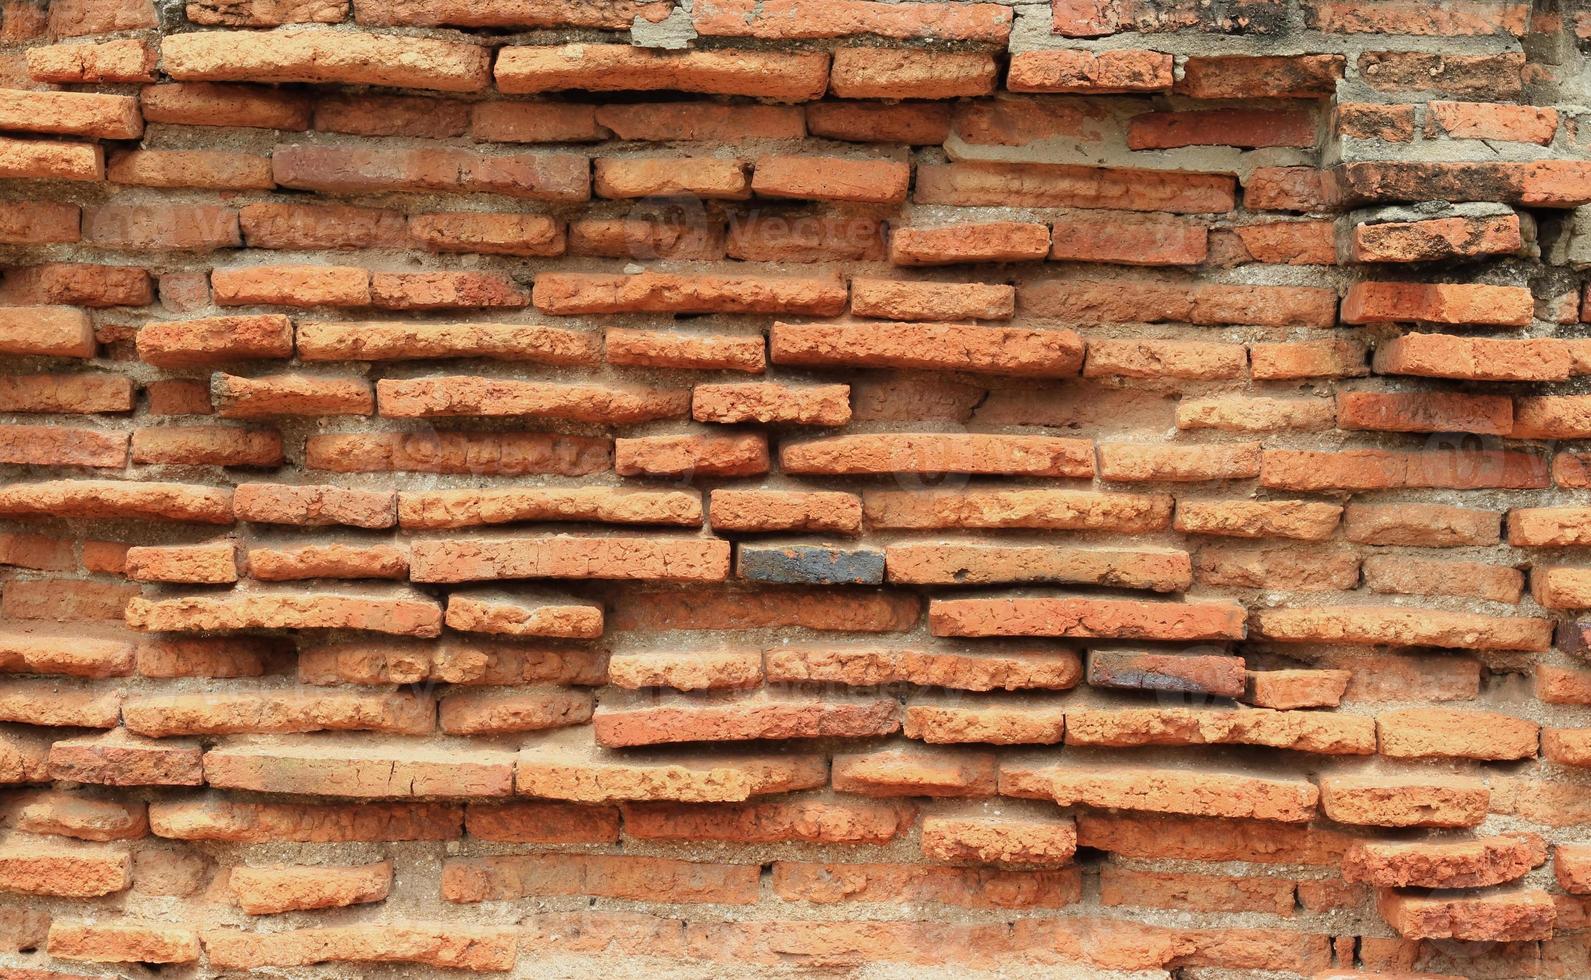 textura de la pared de ladrillo antiguo foto